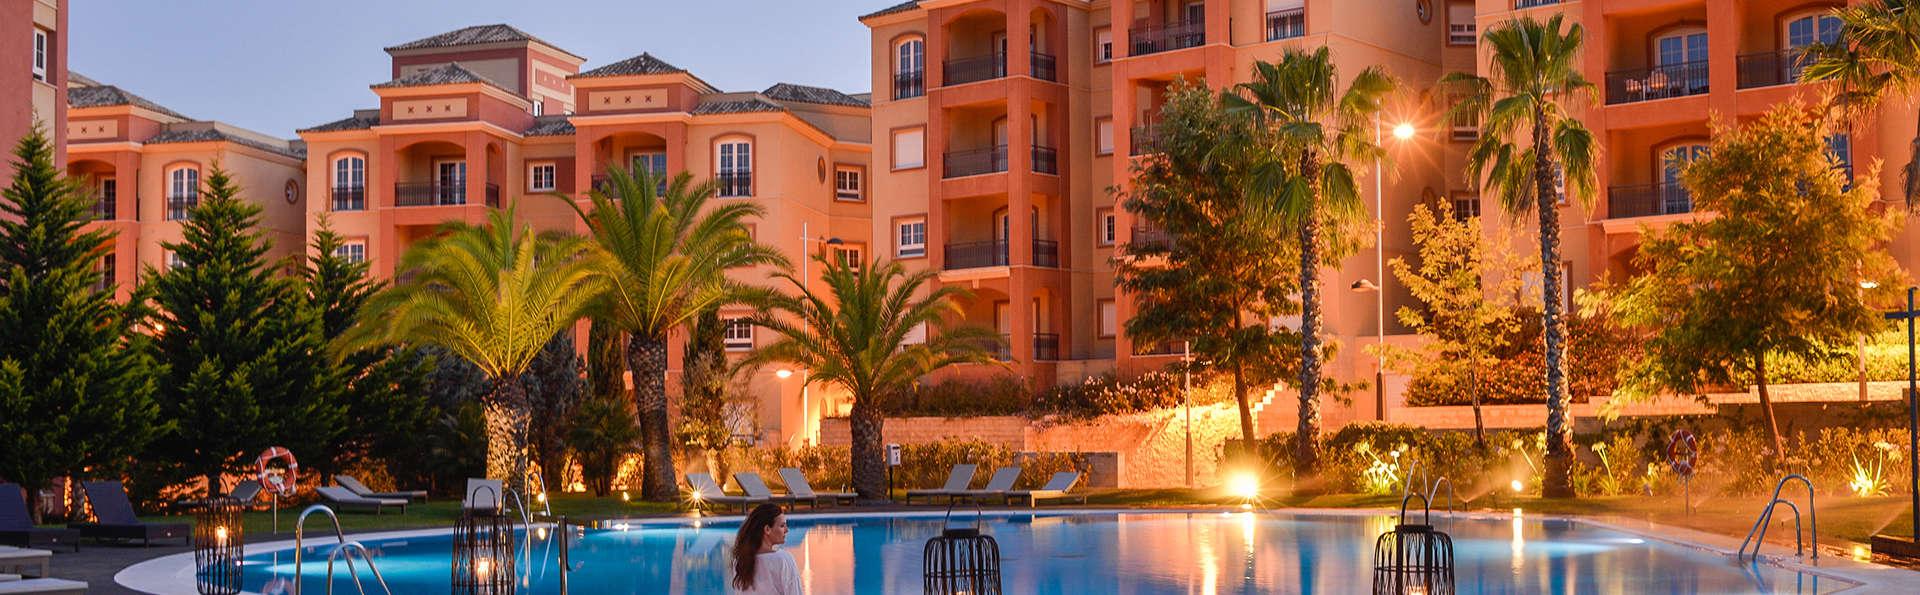 Luxe dans une chambre avec balcon, cadeaux VIP, spa illimité, dîner et autres surprises à Islantilla